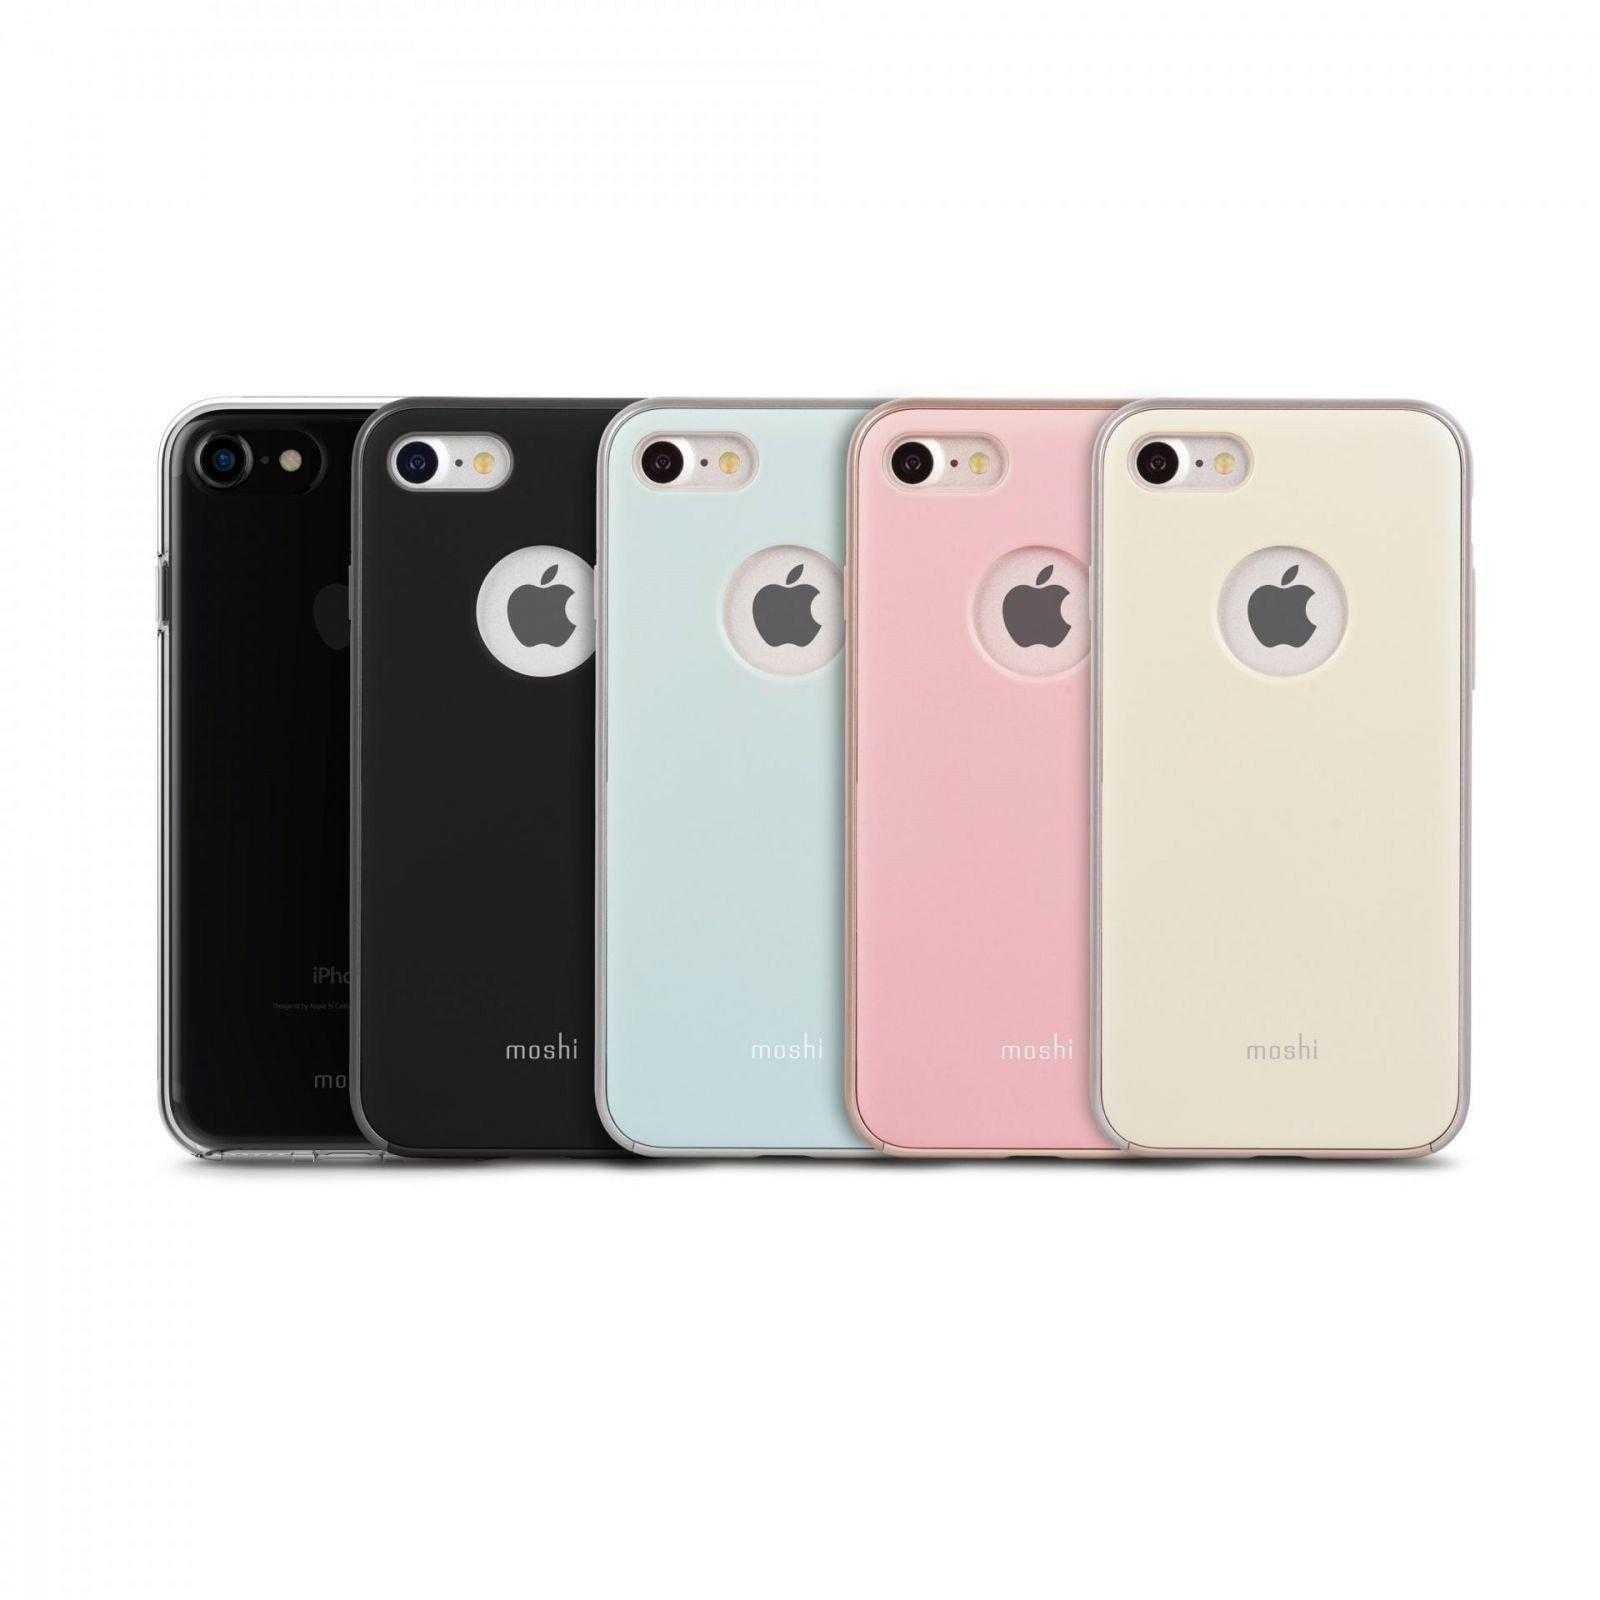 6 лучших аксессуаров для iPhone 8 (iGlaze iP7 group)